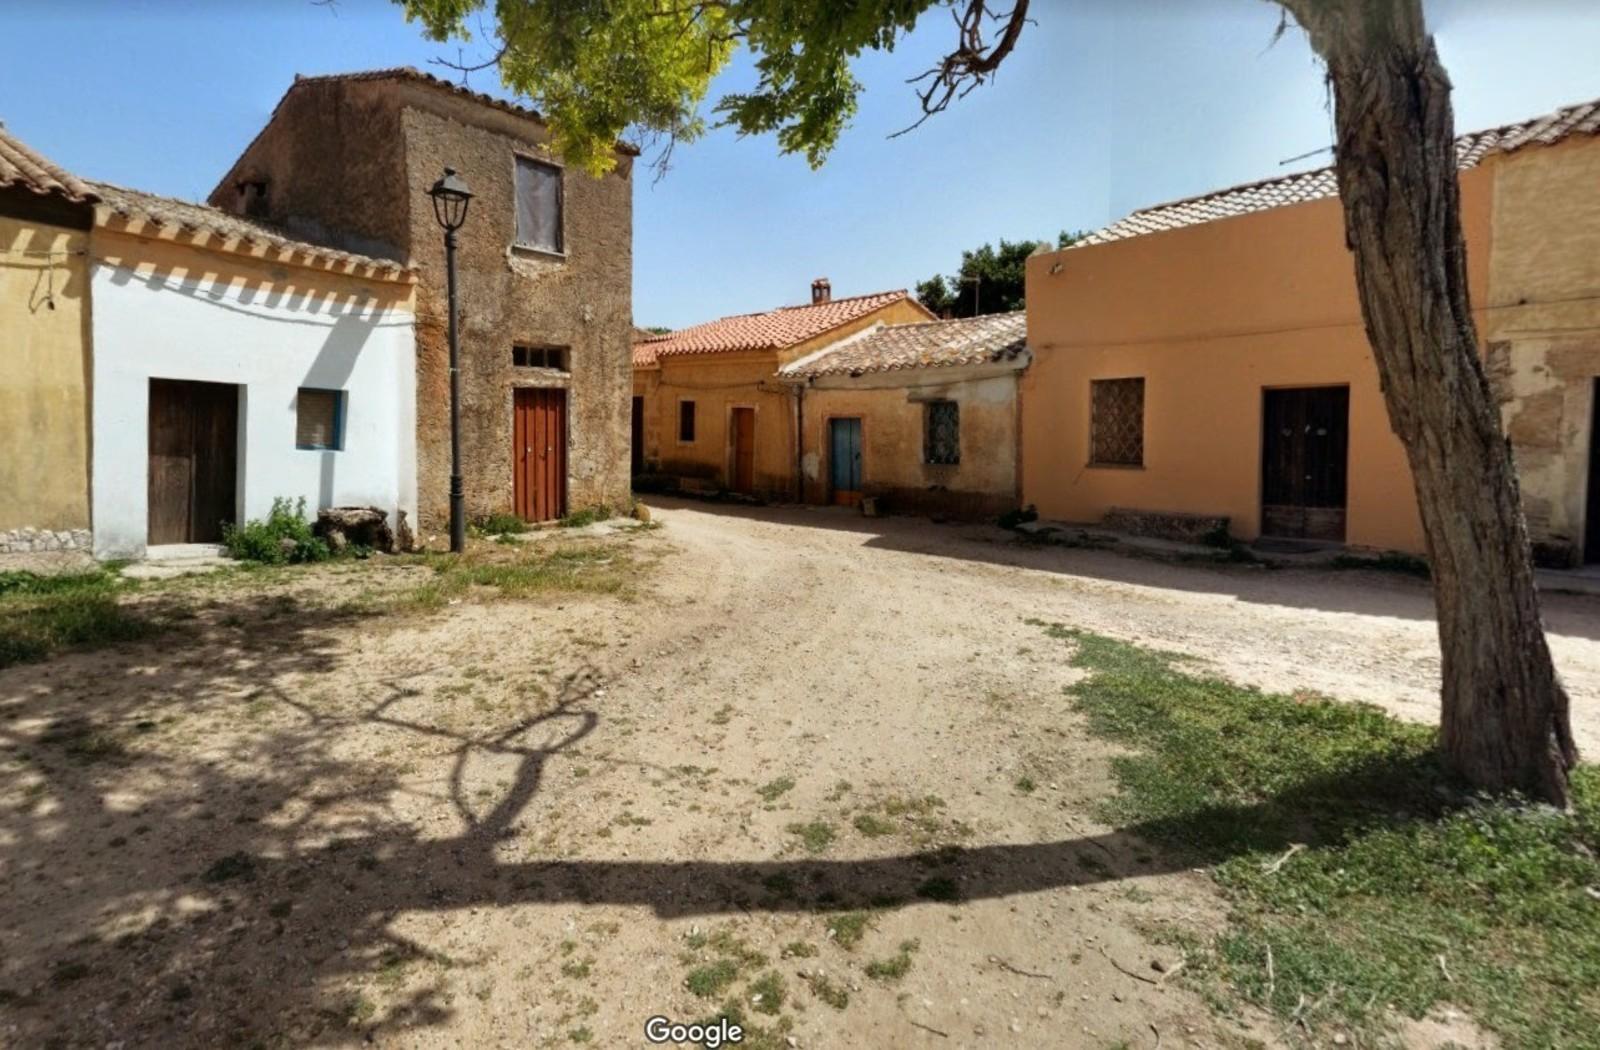 Il villaggio di San Salvatore, in Sardegna